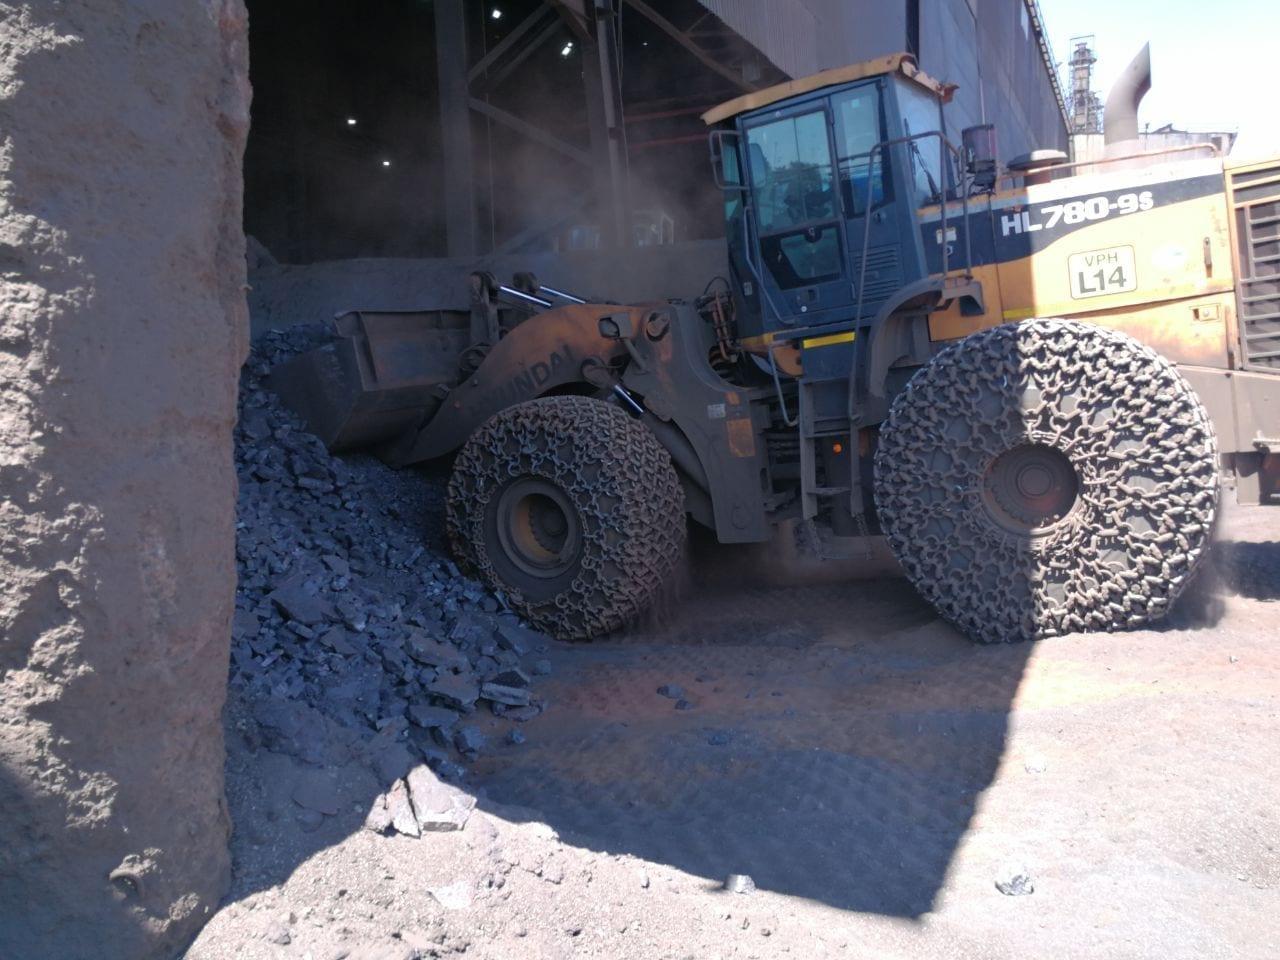 Hyundai wheel loader handles harsh manganese conditions